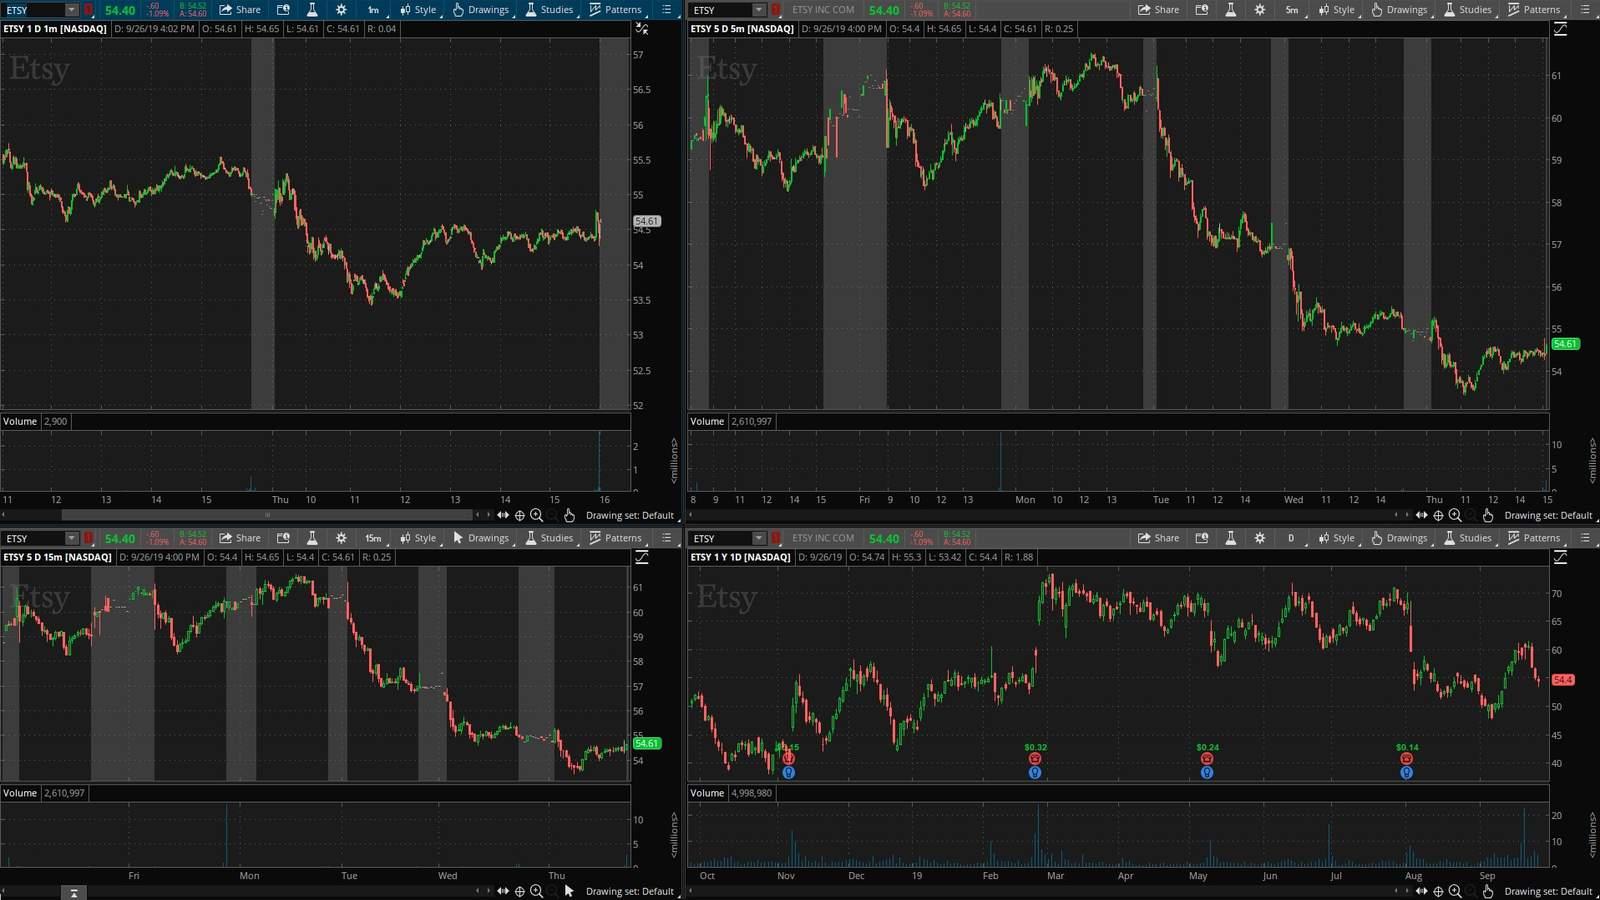 ETSY акция на фондовой бирже